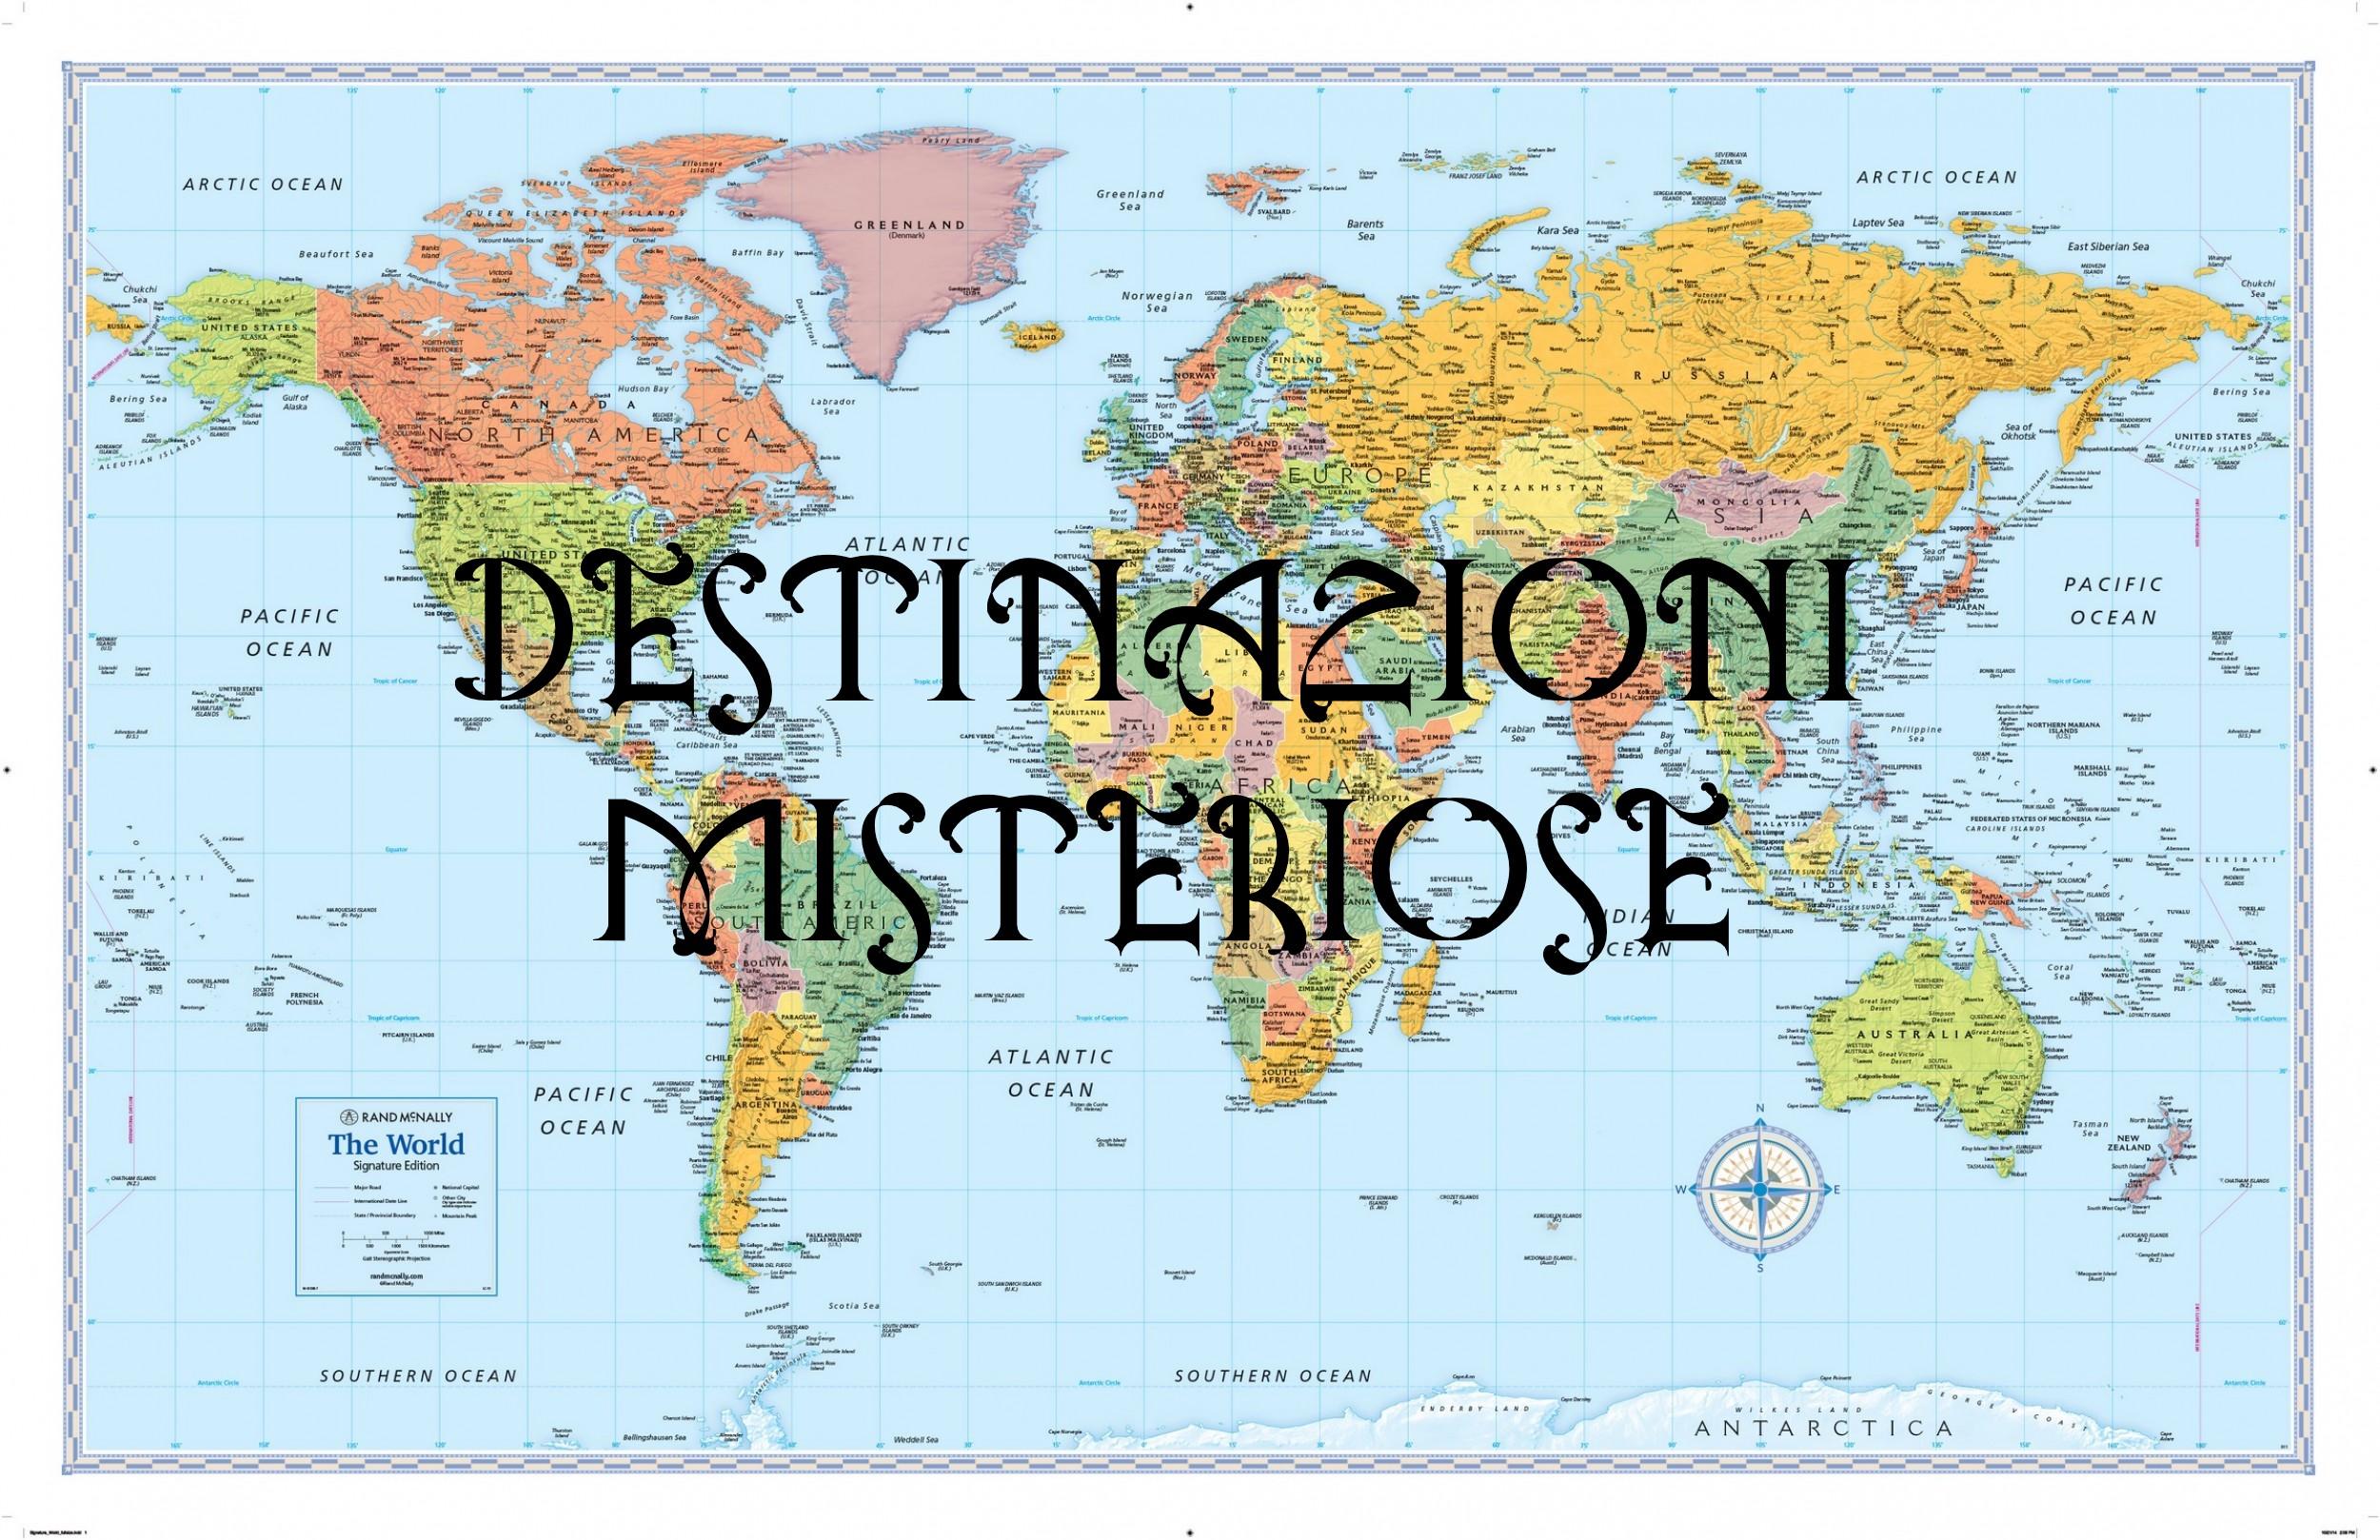 destinazioni misteriose